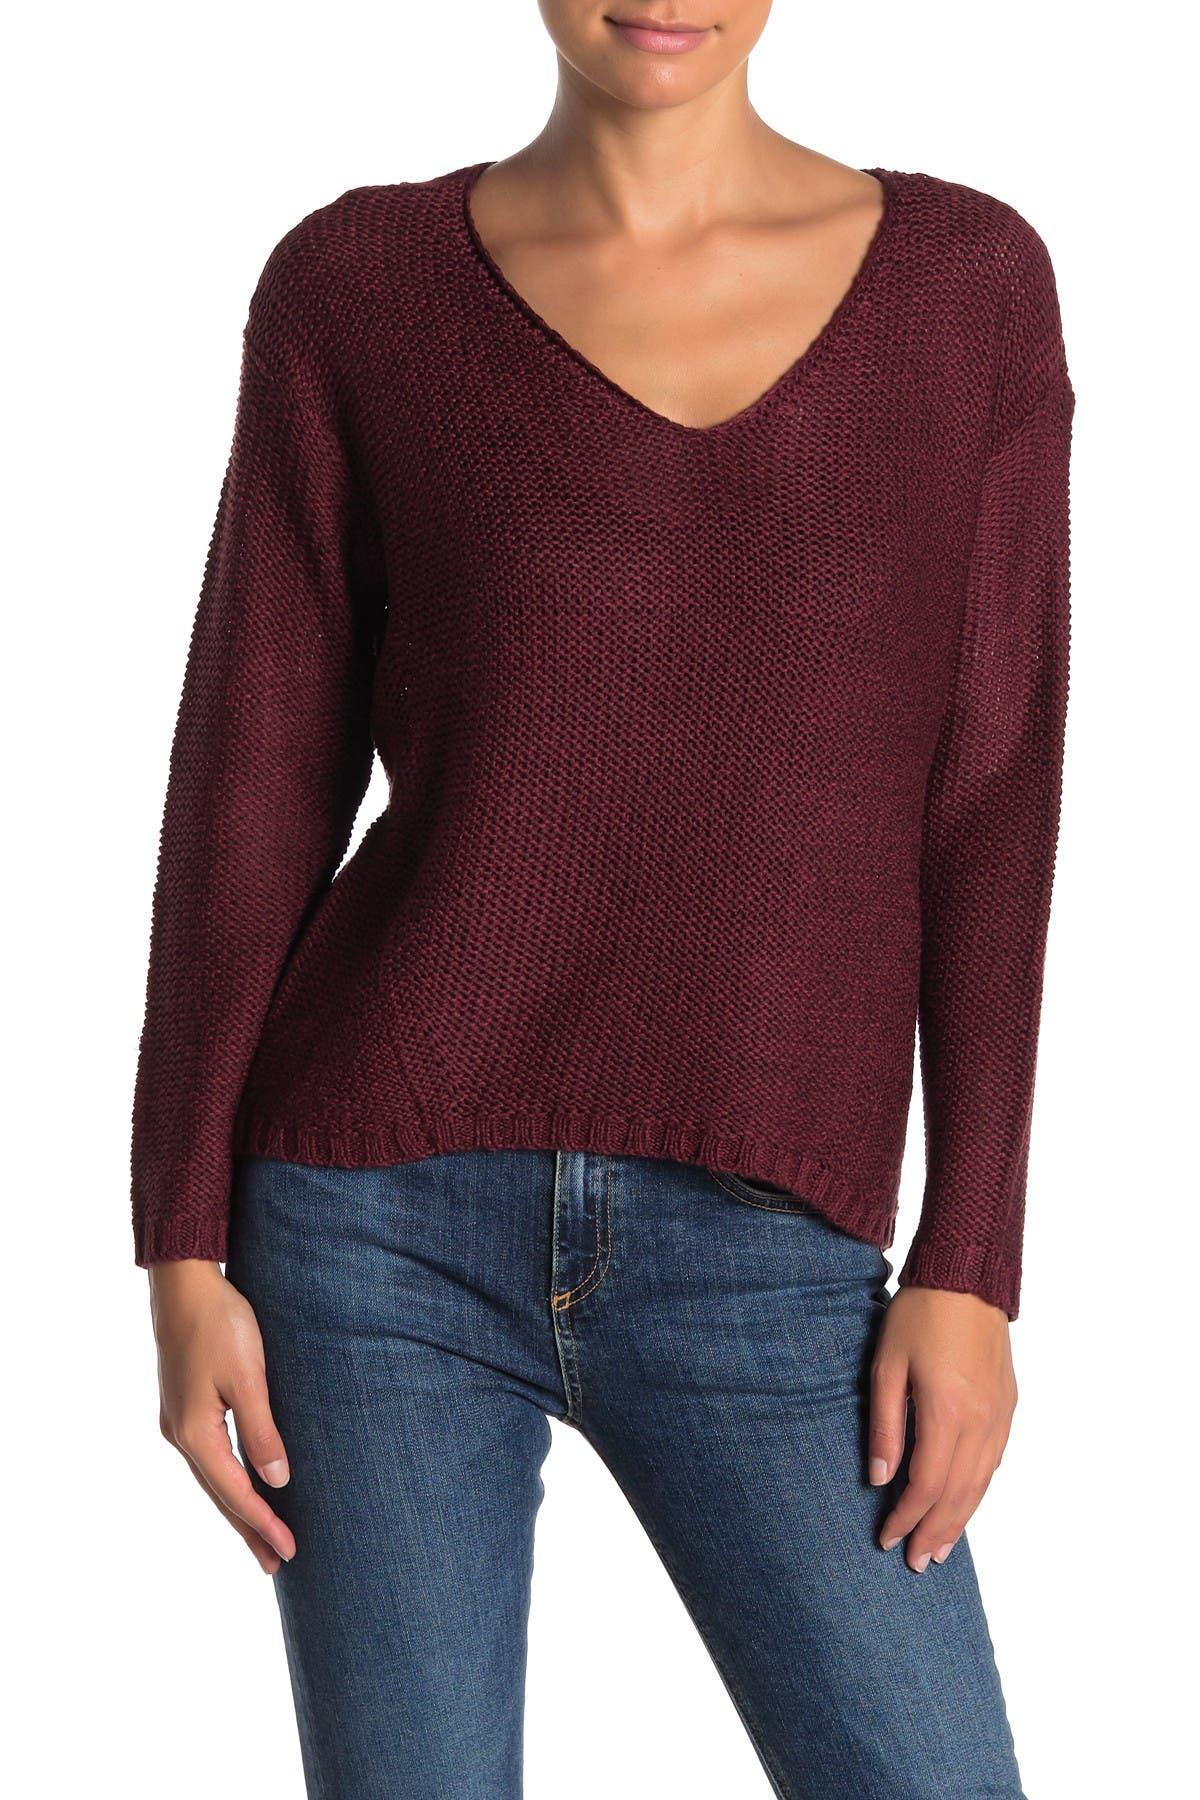 Image of Modern Designer Elbow Patch Knit V-Neck Sweater